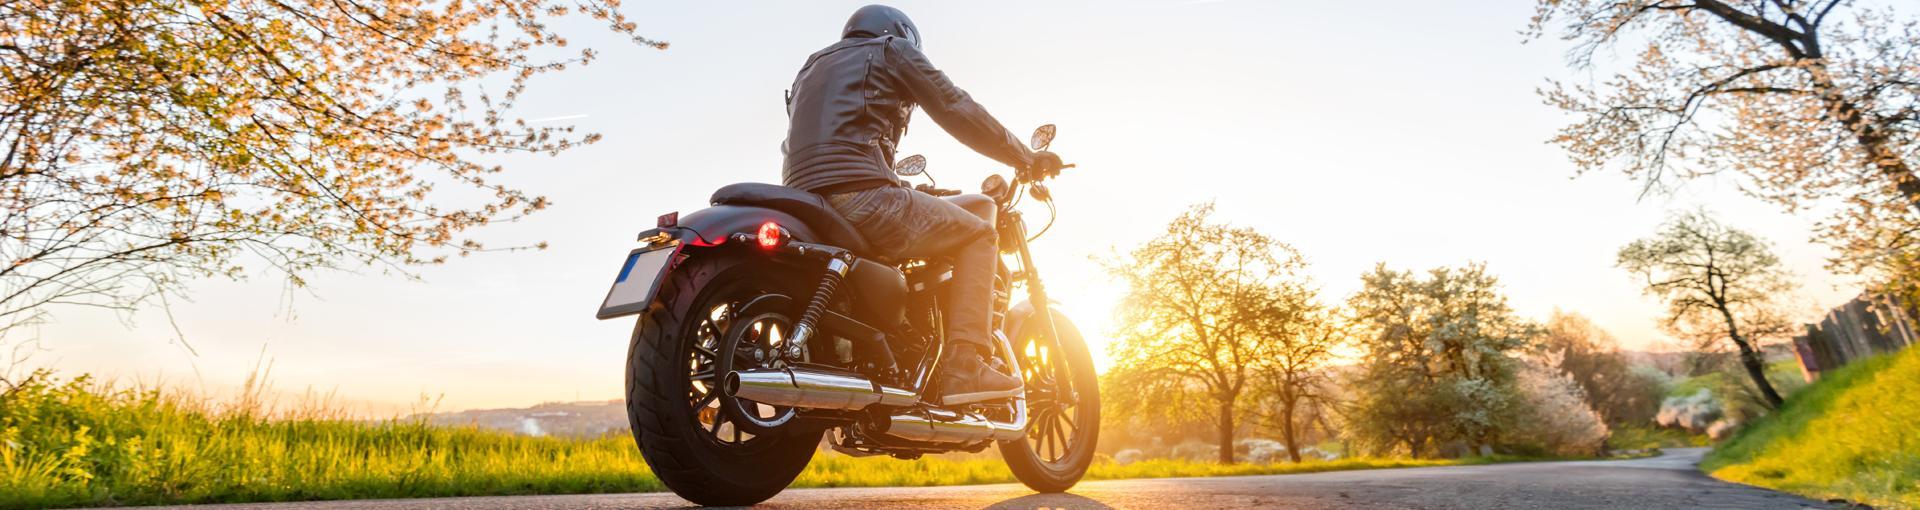 Moto, soleil, nautre